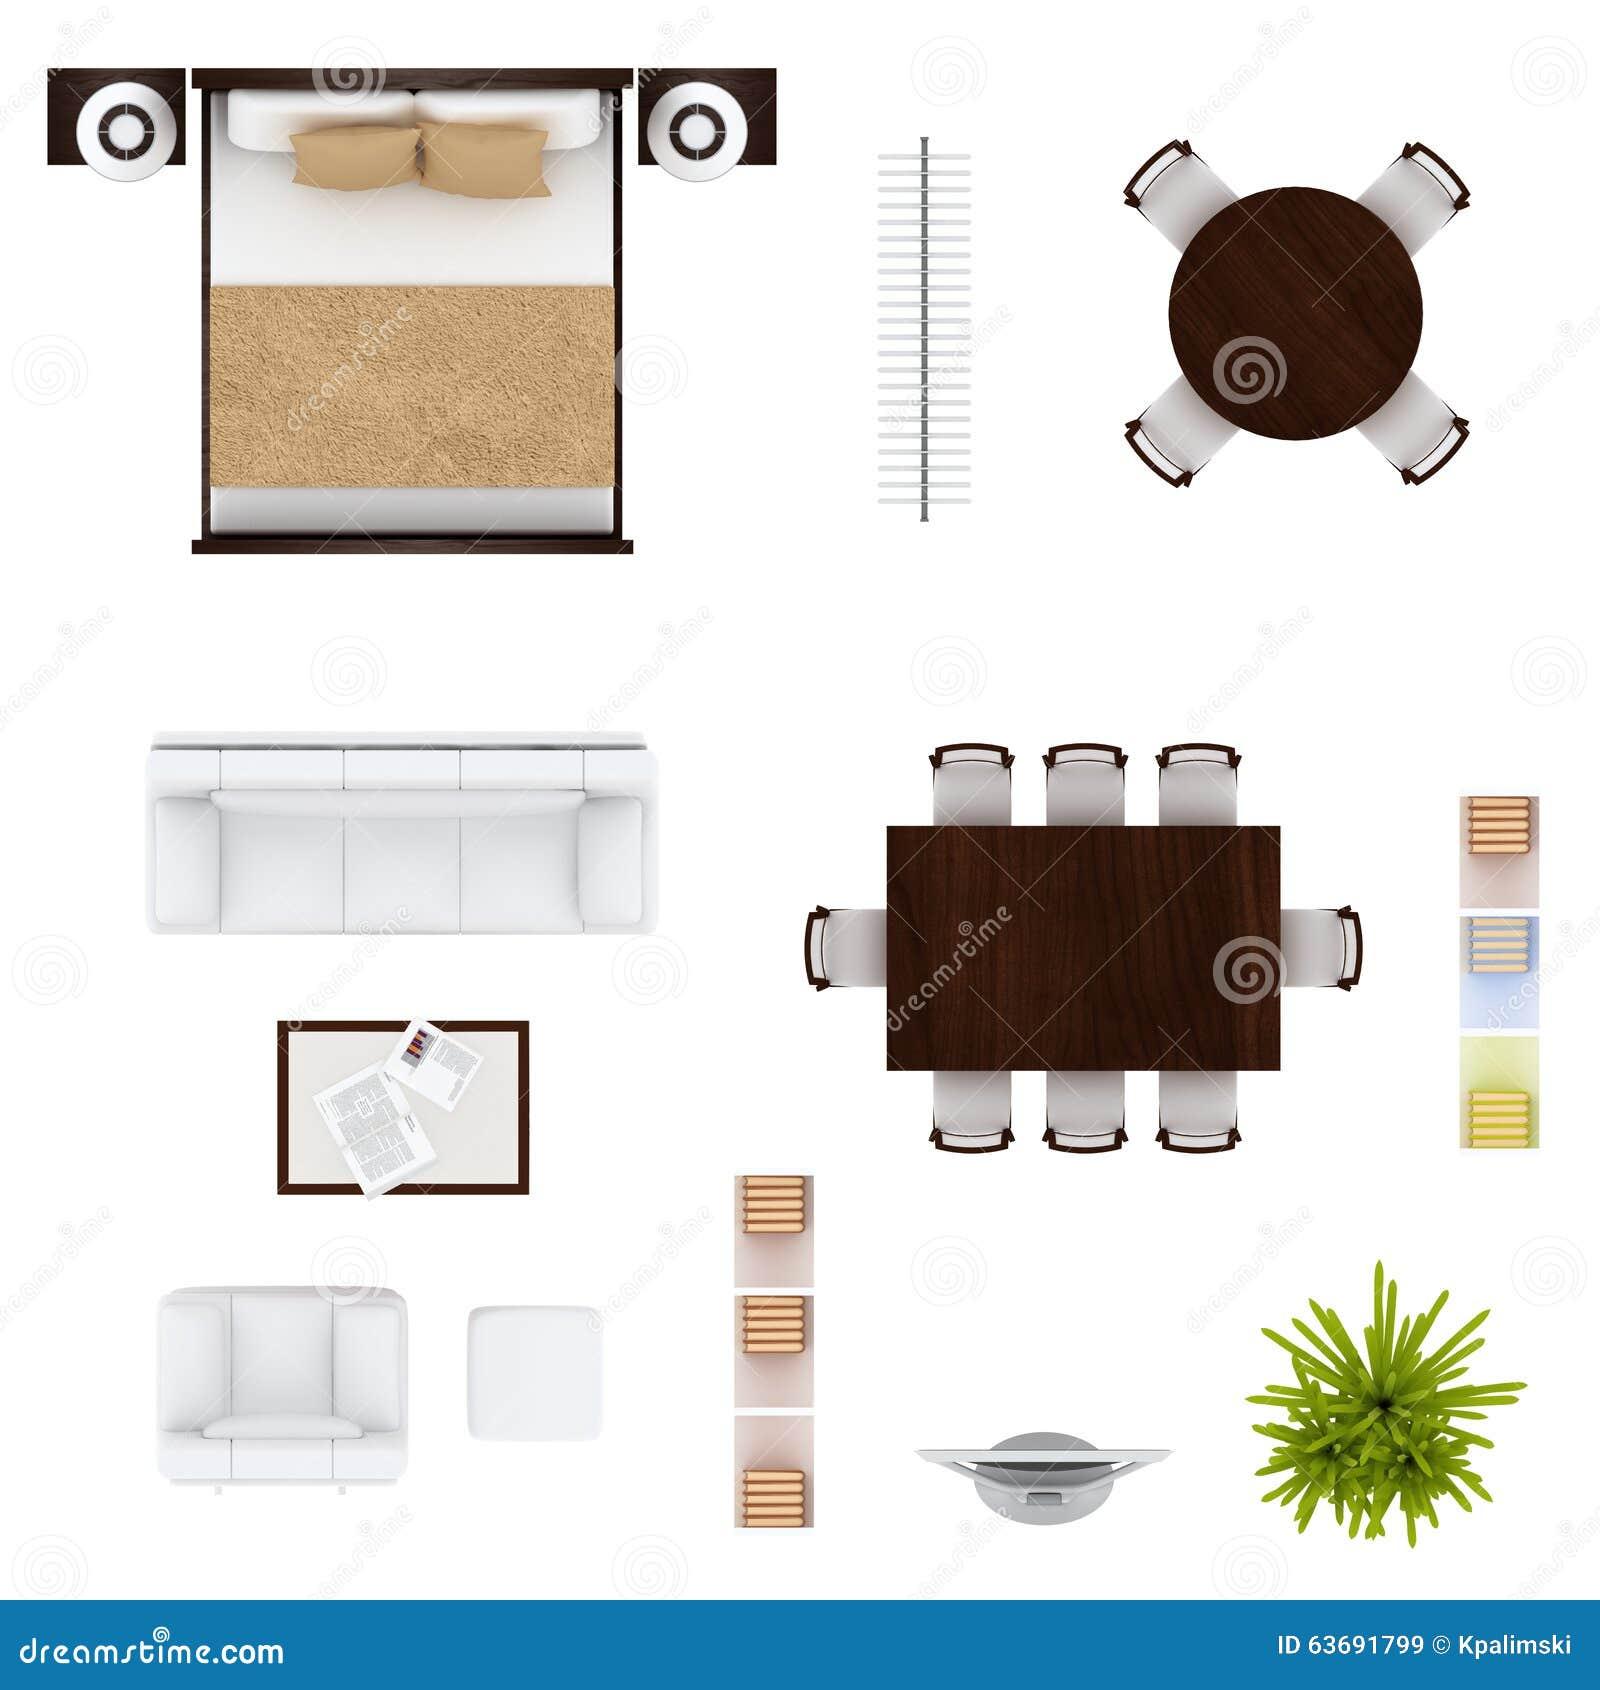 Draufsicht Der Möbel Stock Abbildung   Bild: 63691799